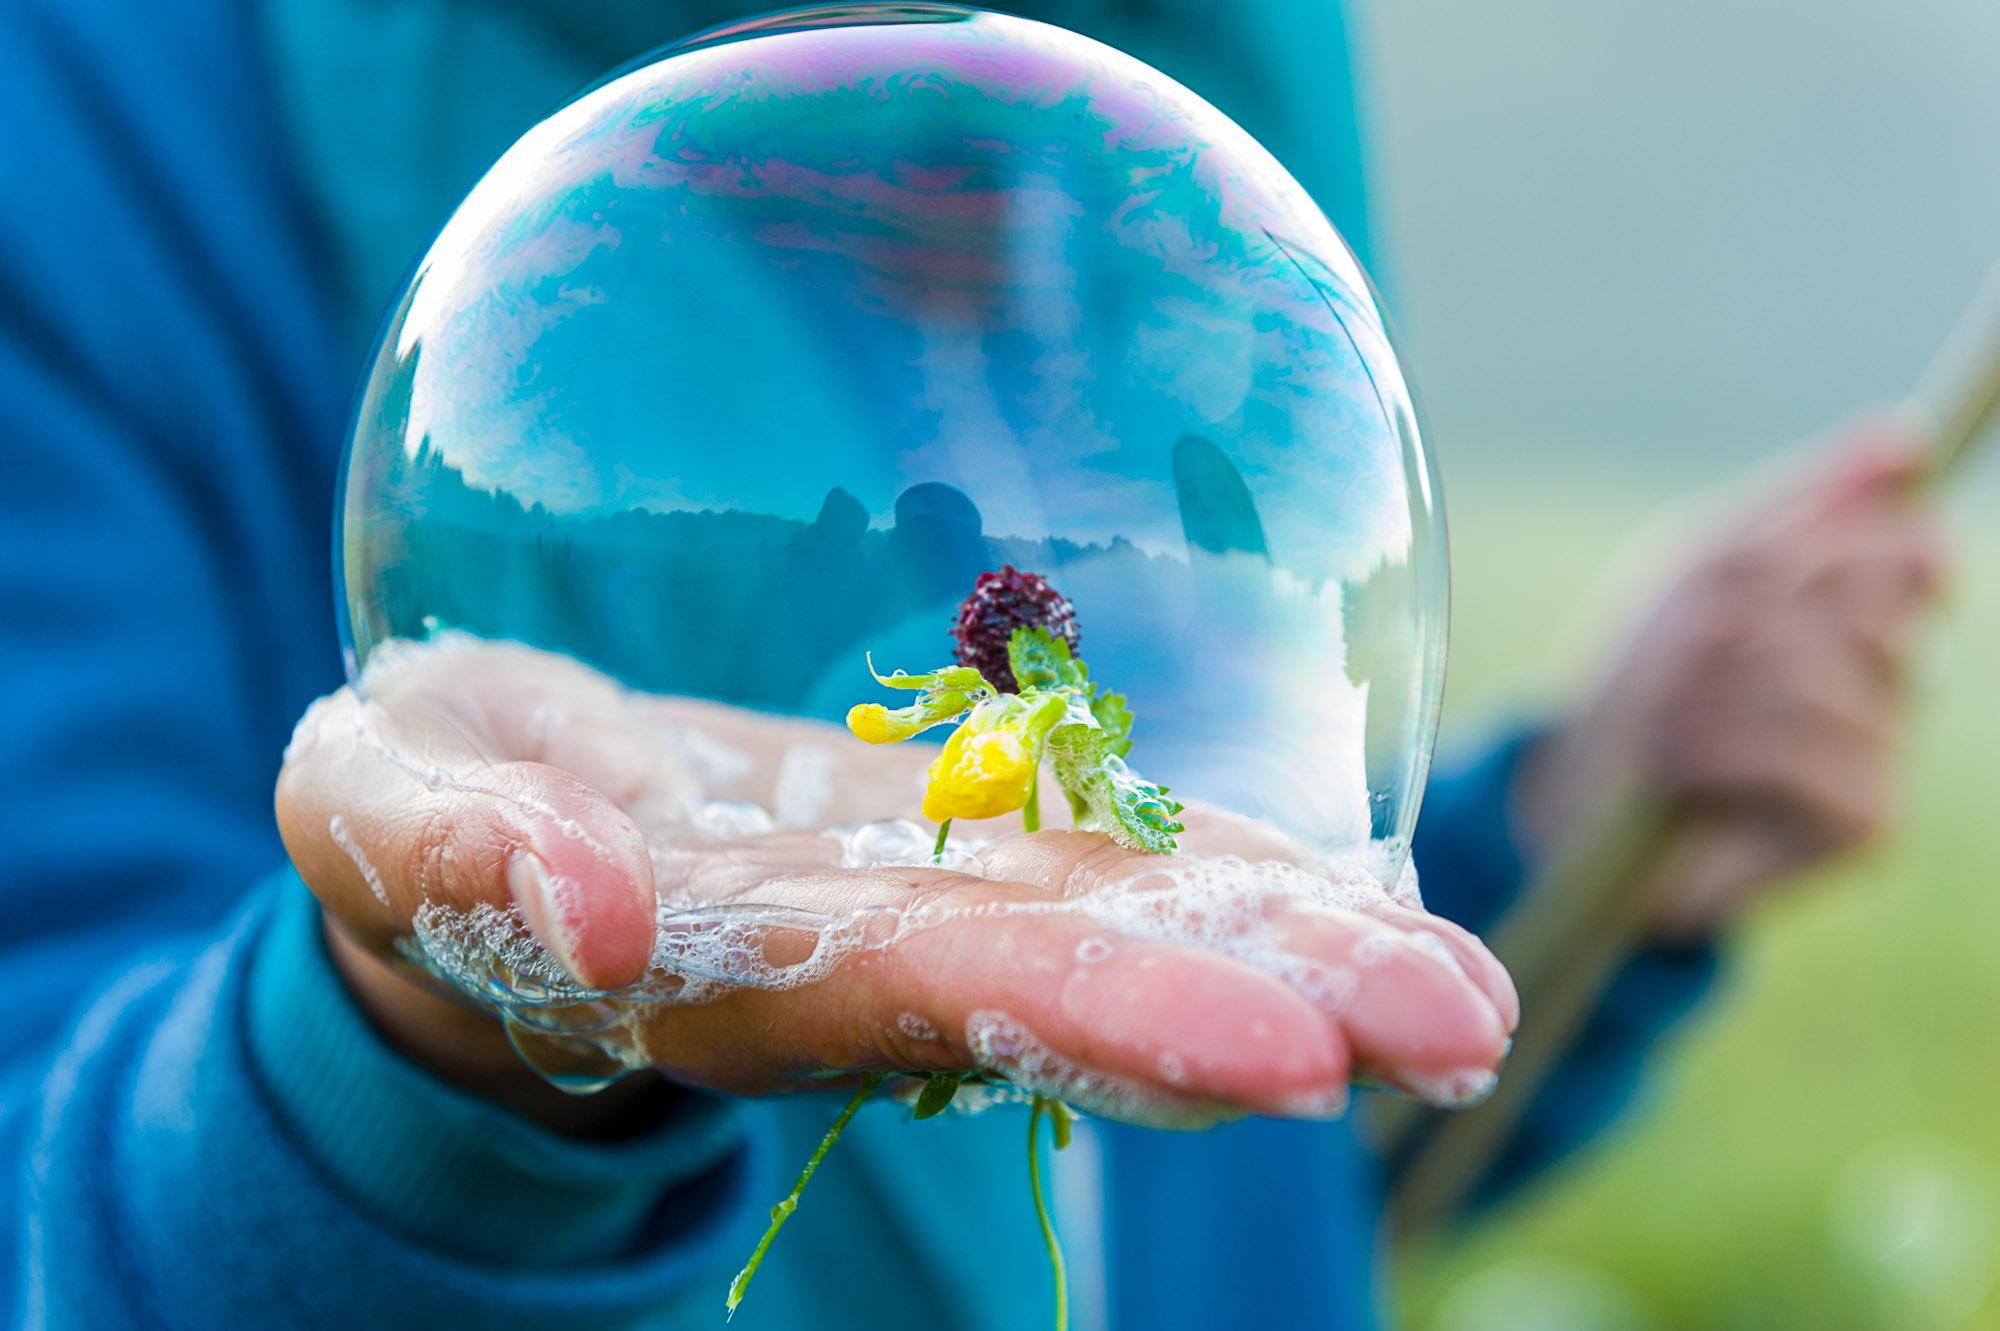 Kwiat w bańce mydlanej